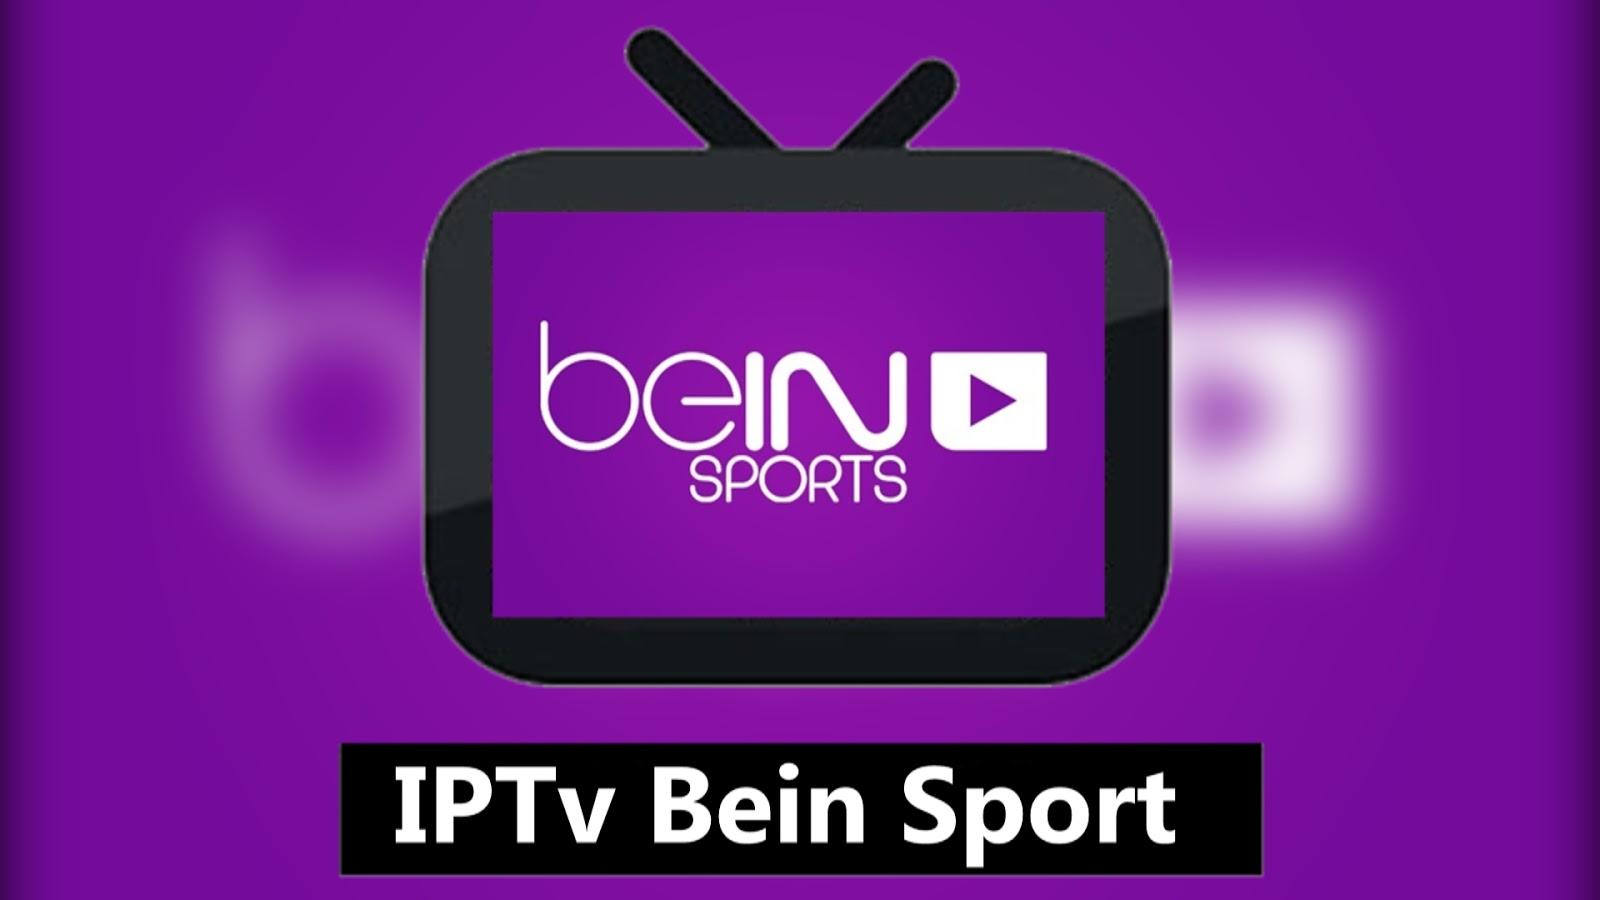 IPTv Free IPTv Bein Sport IPTv M3u 08-09-2019